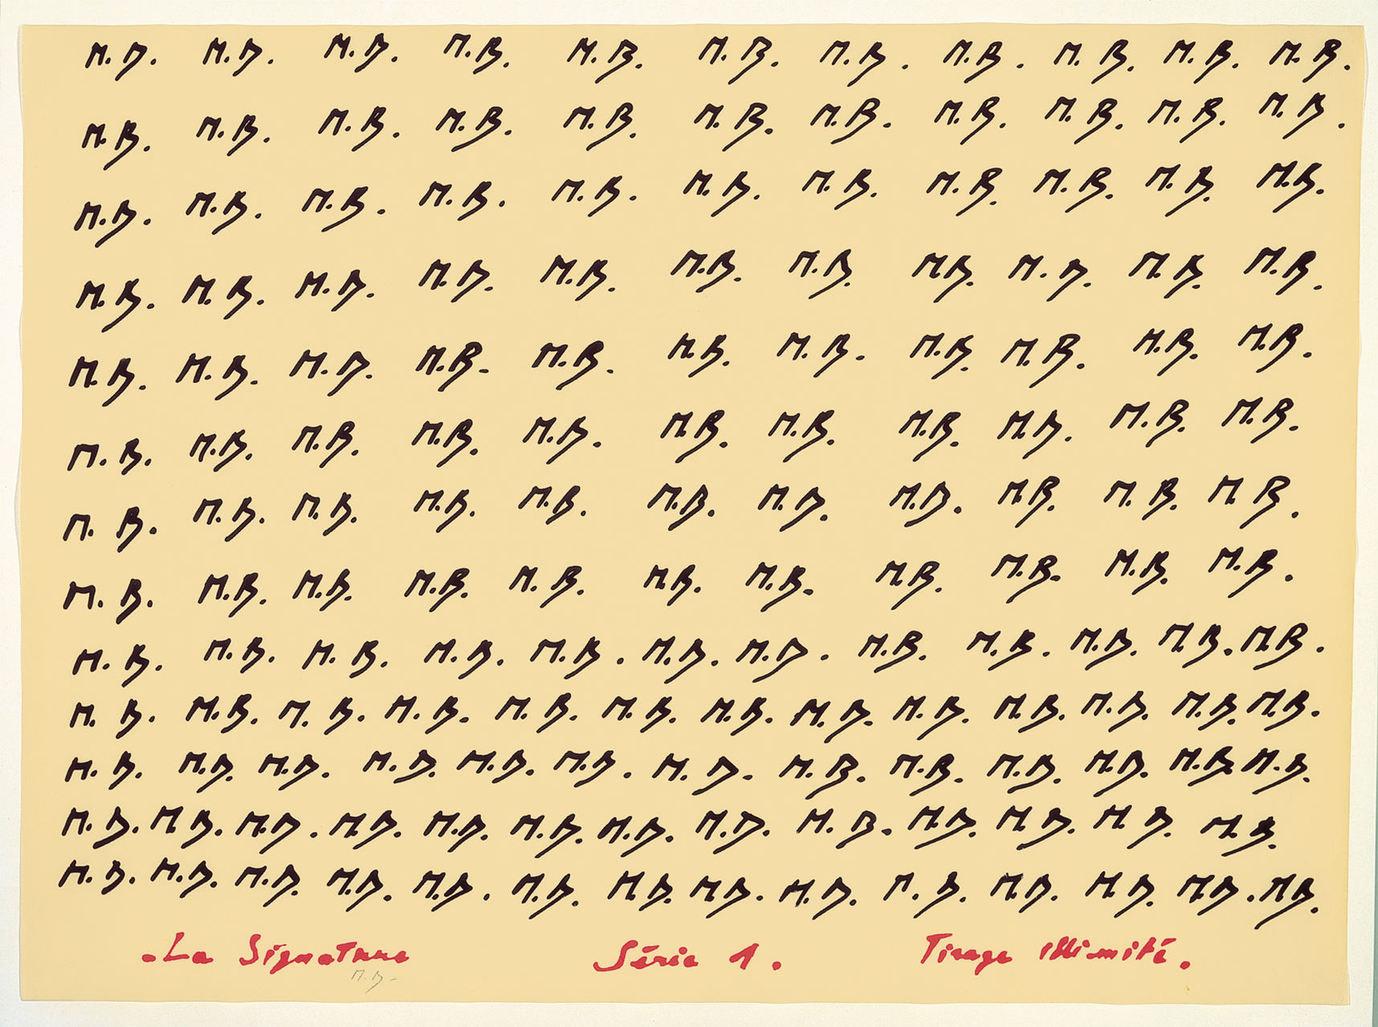 La Signature  Série 1. Tirage illimité by Broodthaers Marcel